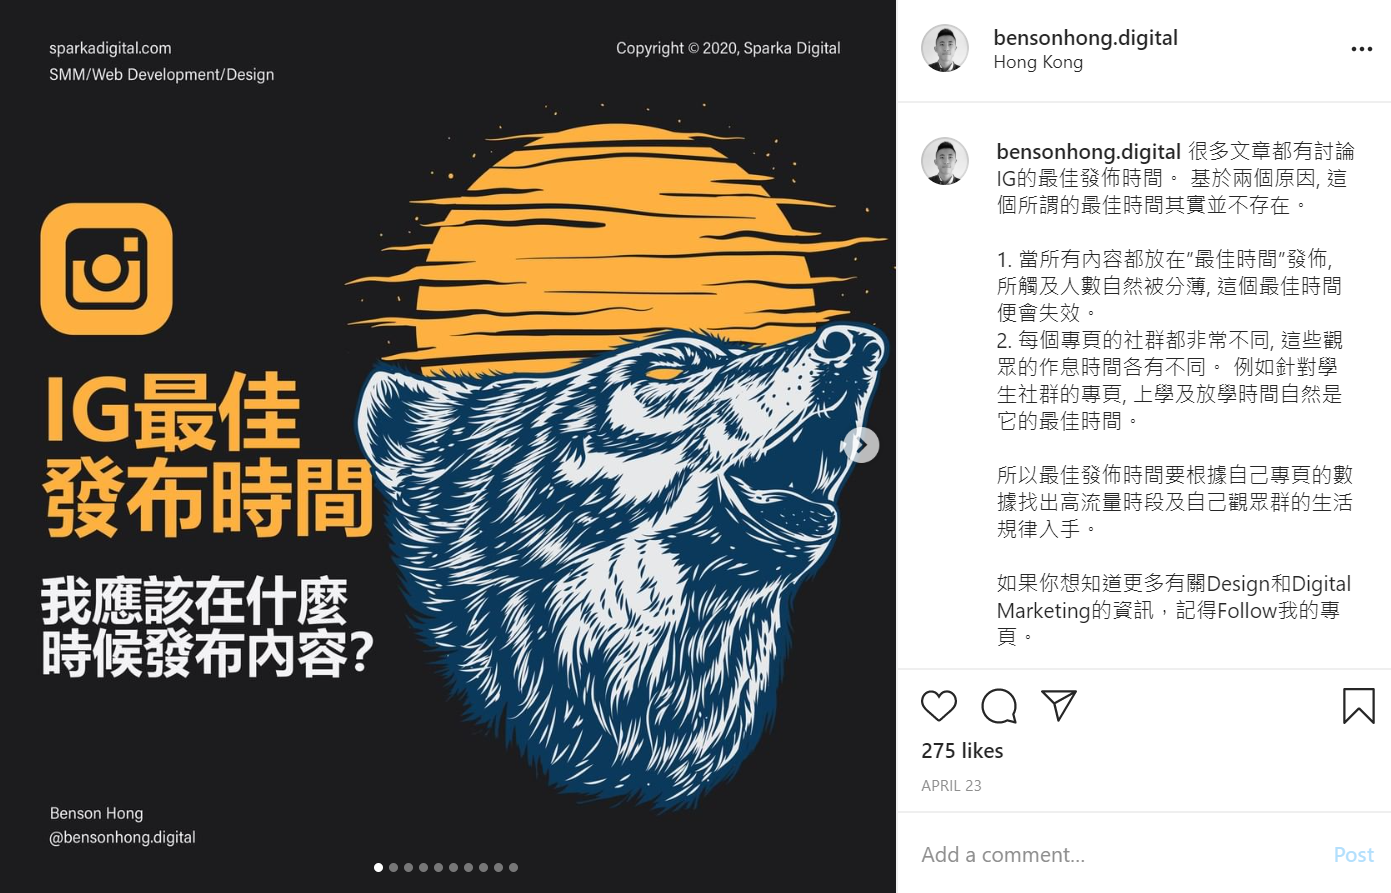 Screenshot of Sparka Digital's Instagram post about Instagram posting time